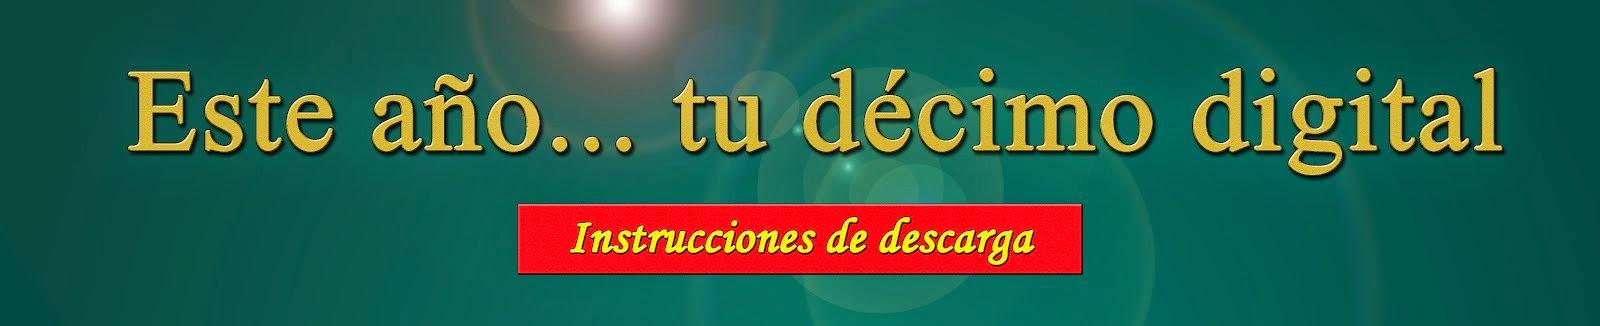 INSTRUCCIONES DE DESCARGA